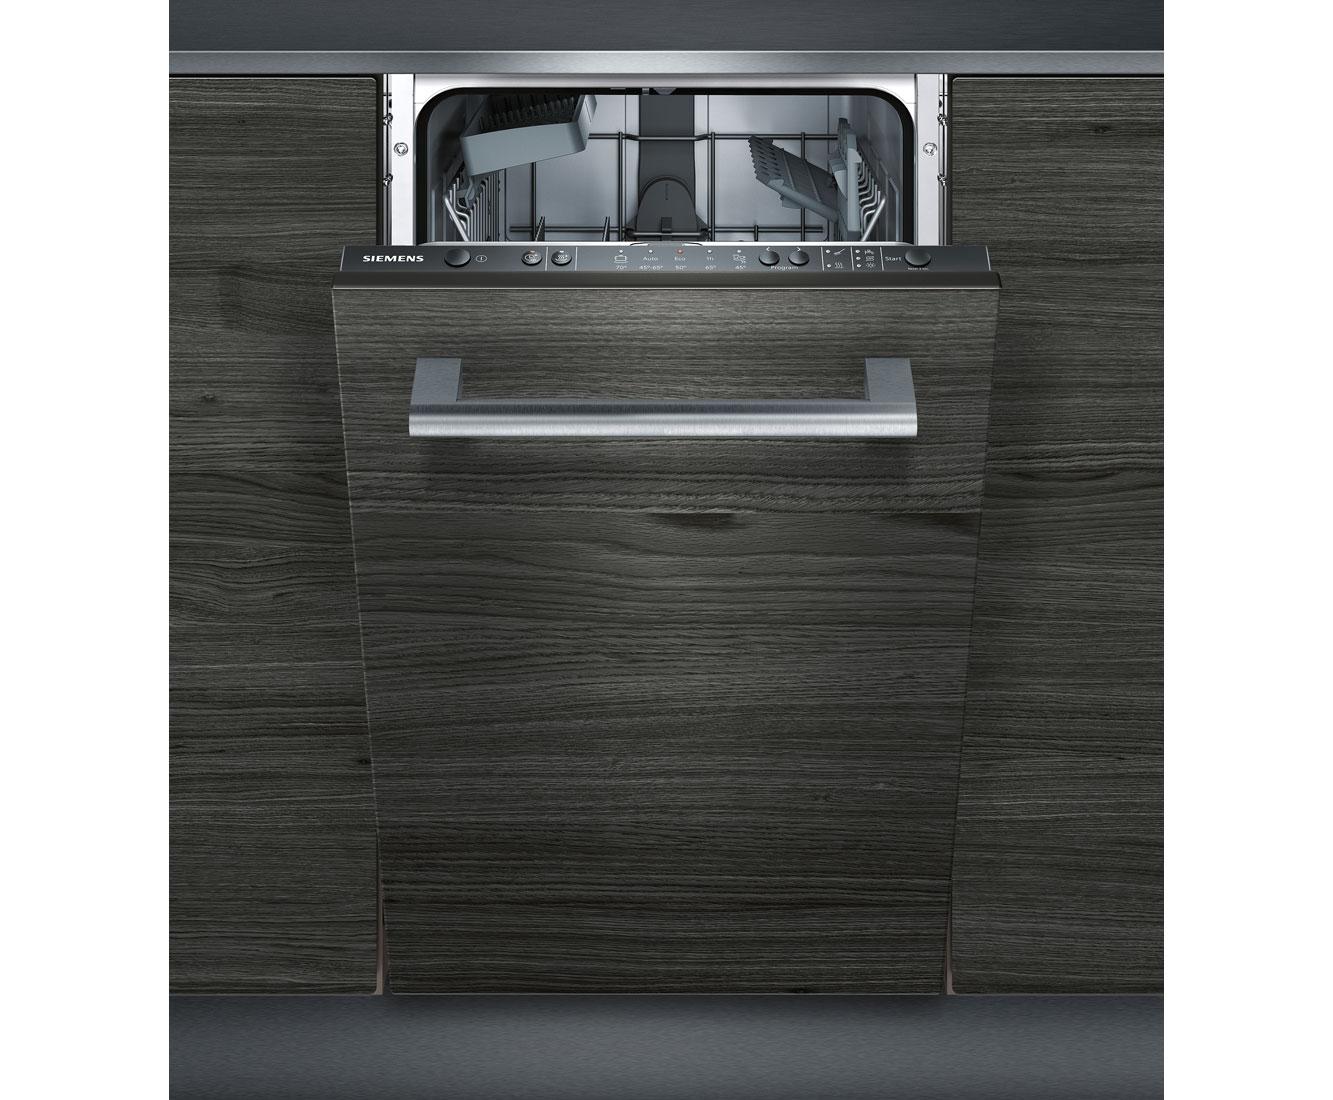 geschirrsp ler vollintegrierbar siemens preisvergleich die besten angebote online kaufen. Black Bedroom Furniture Sets. Home Design Ideas